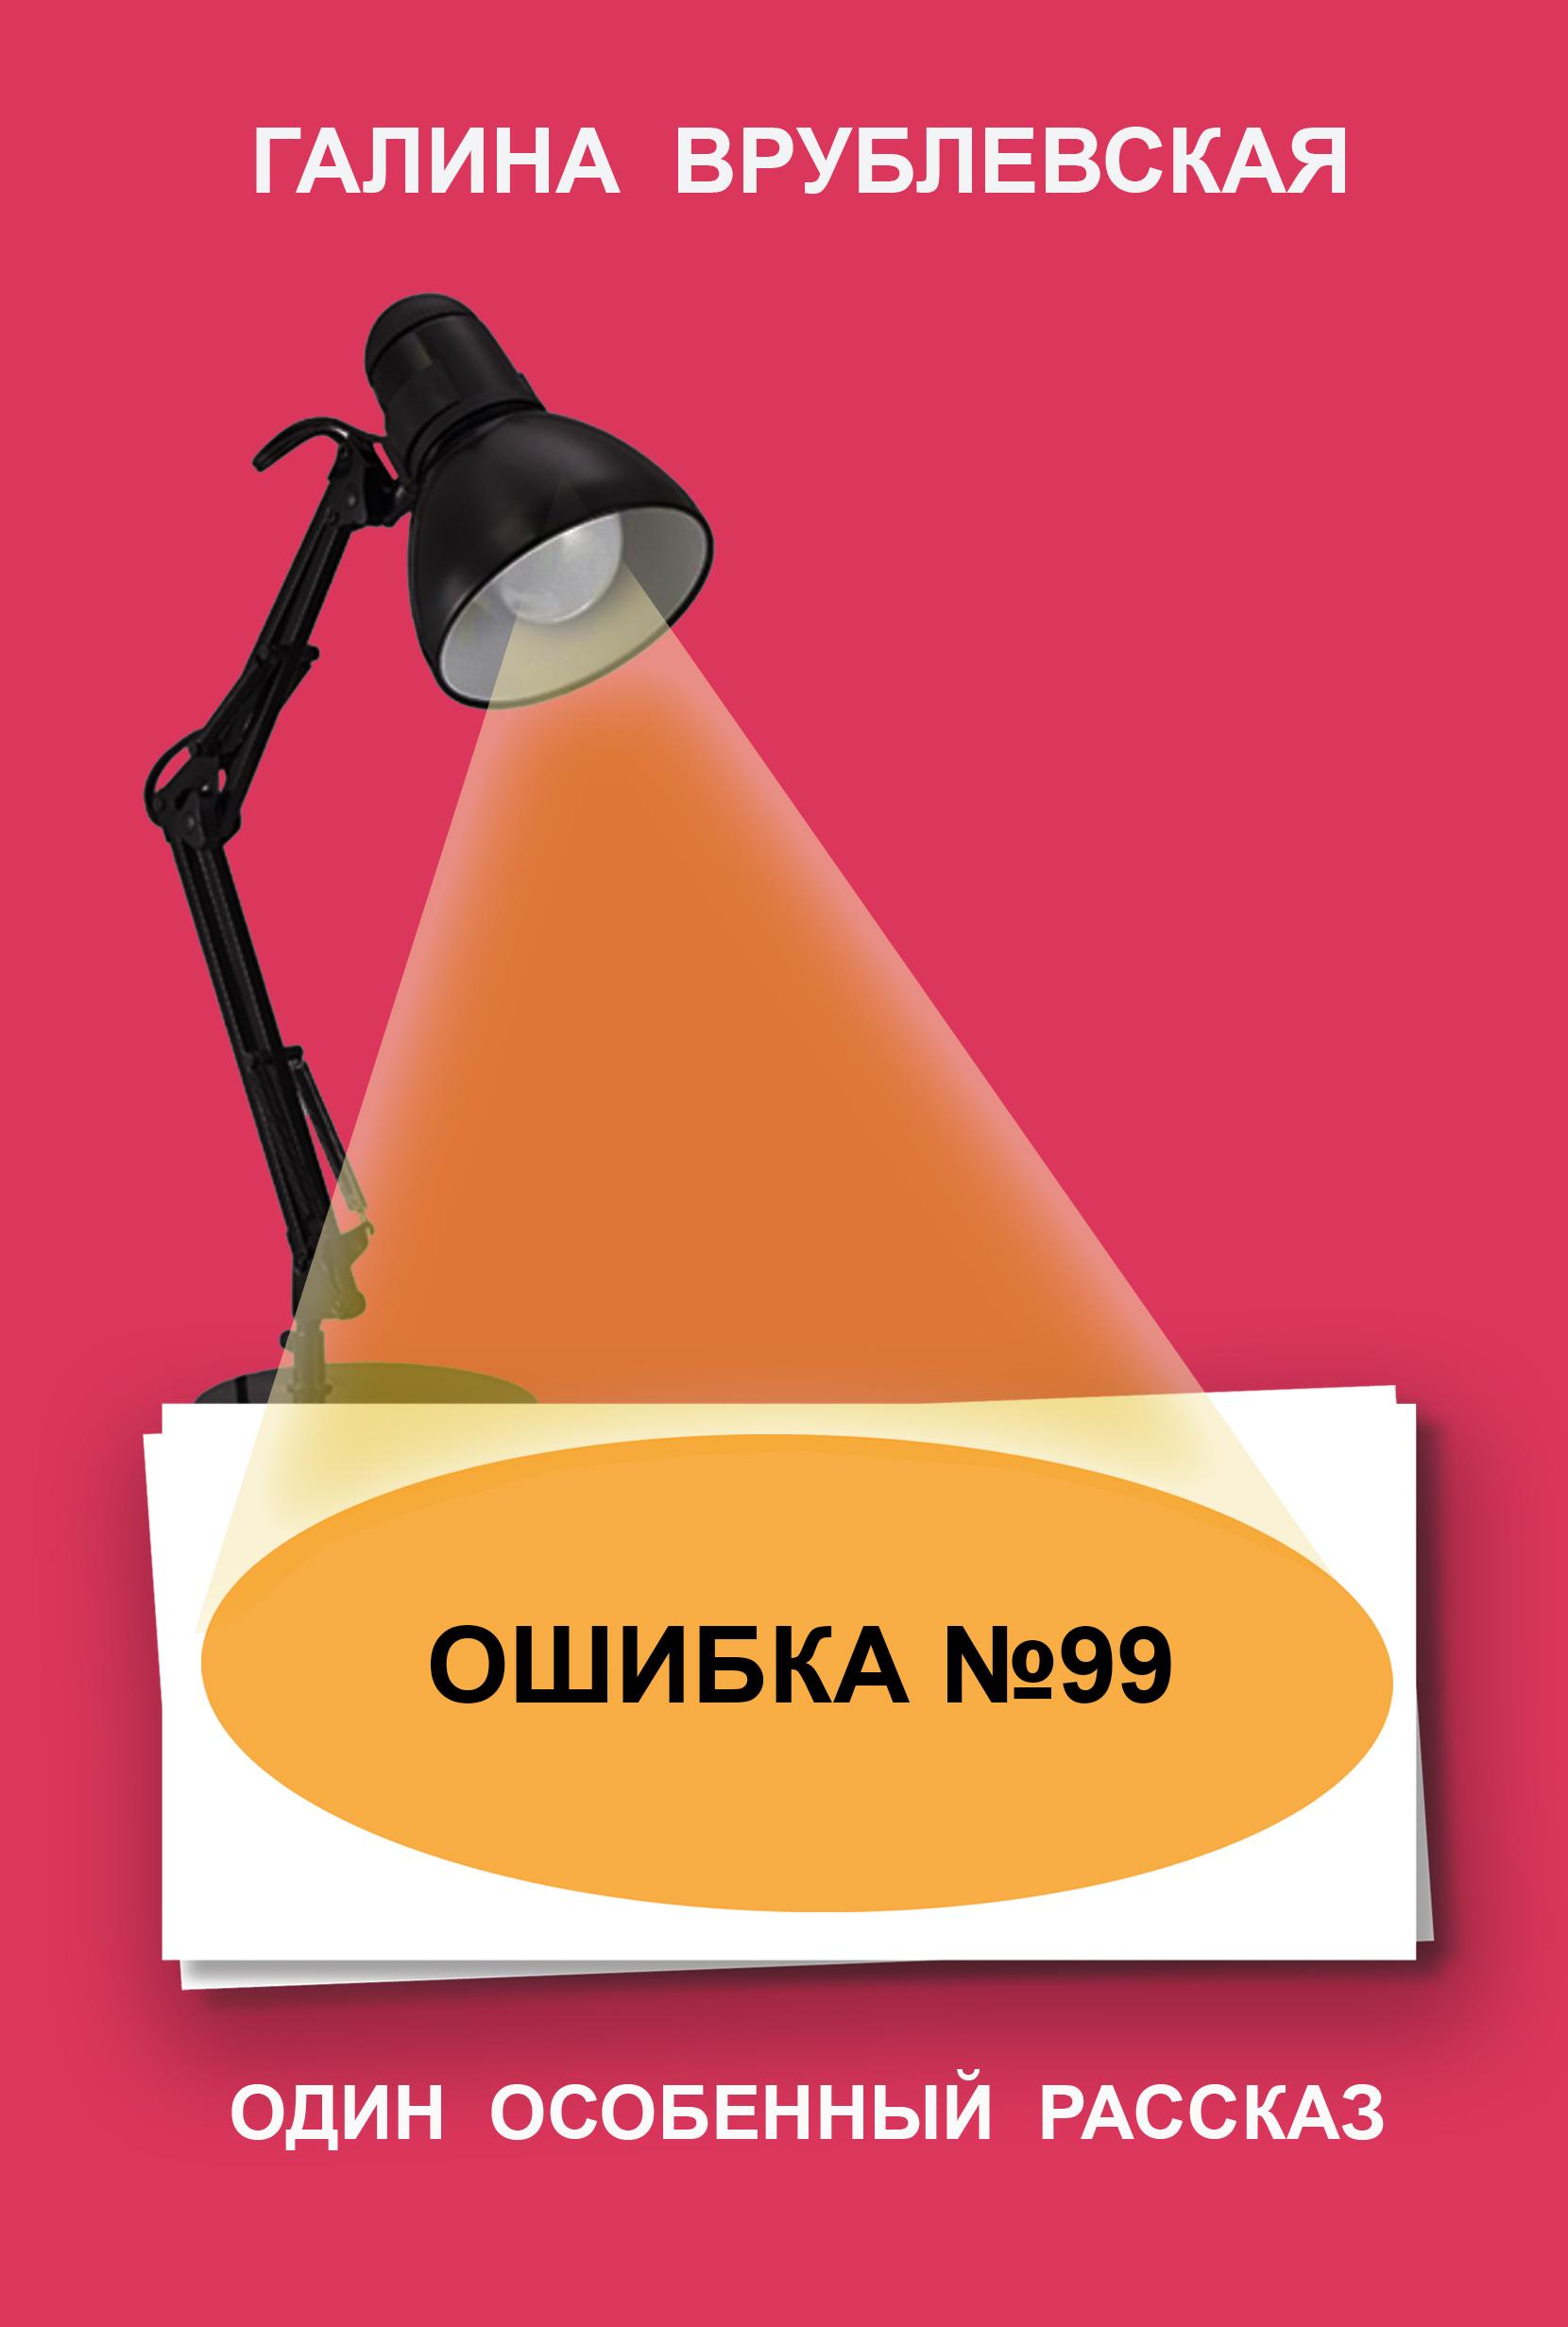 Галина Врублевская Ошибка № 99